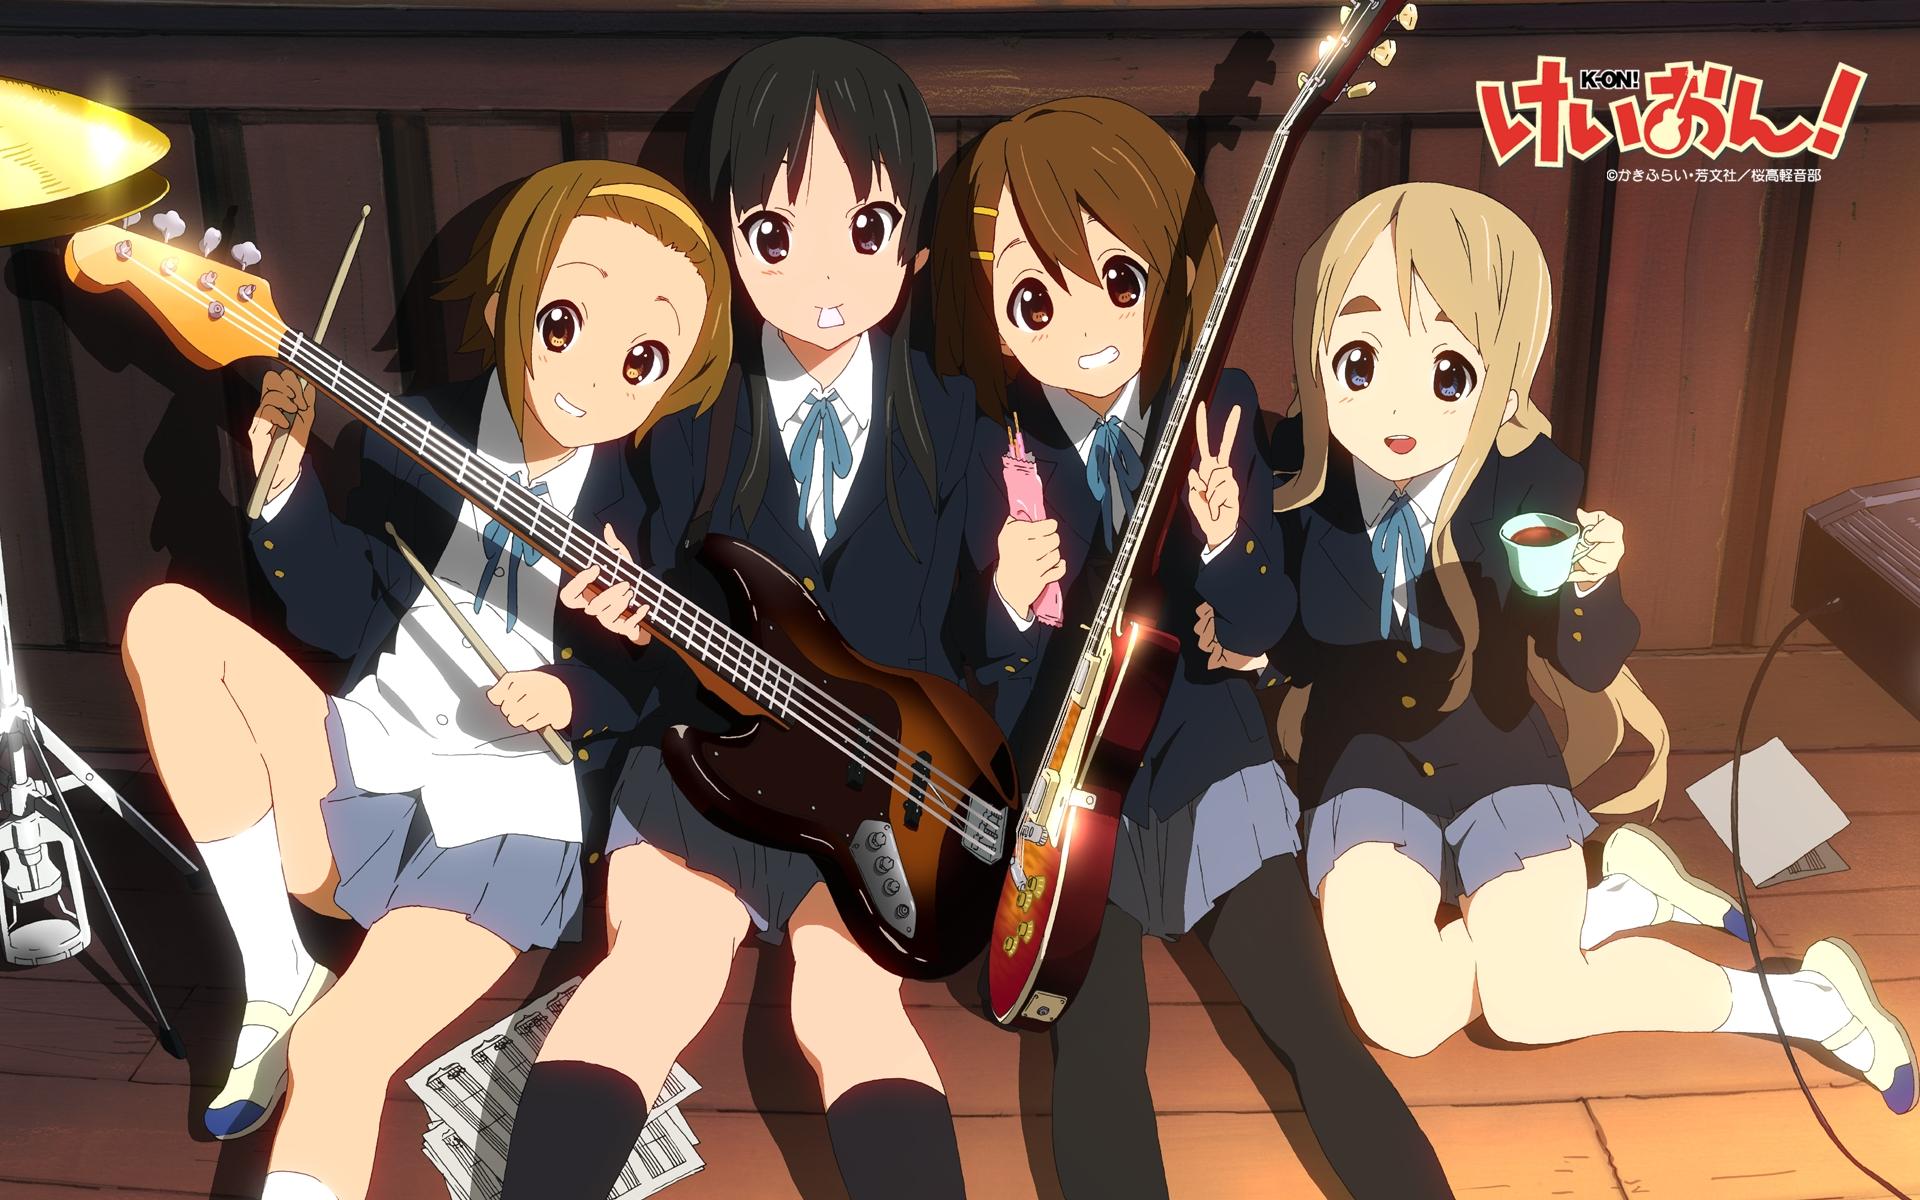 akiyama_mio food guitar hirasawa_yui instrument k-on! kotobuki_tsumugi pantyhose pocky school_uniform tainaka_ritsu